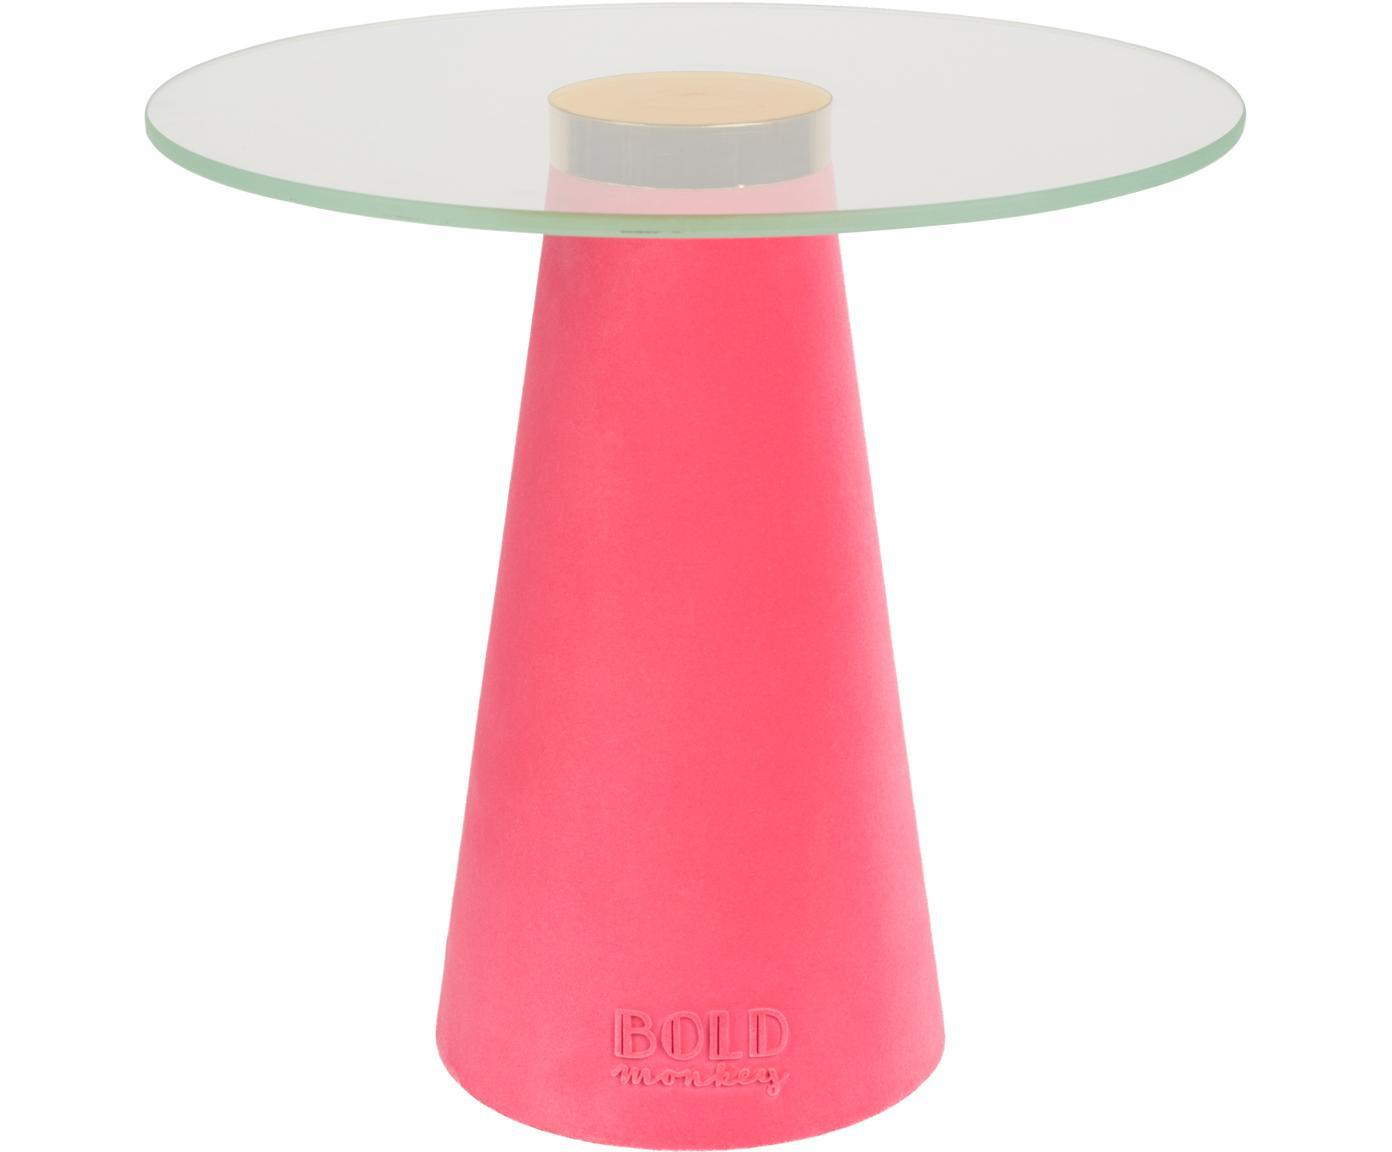 Beistelltisch Leader Of The Fanclub mit Glasplatte, Tischplatte: Hartglas, Pink, Ø 40 x H 39 cm